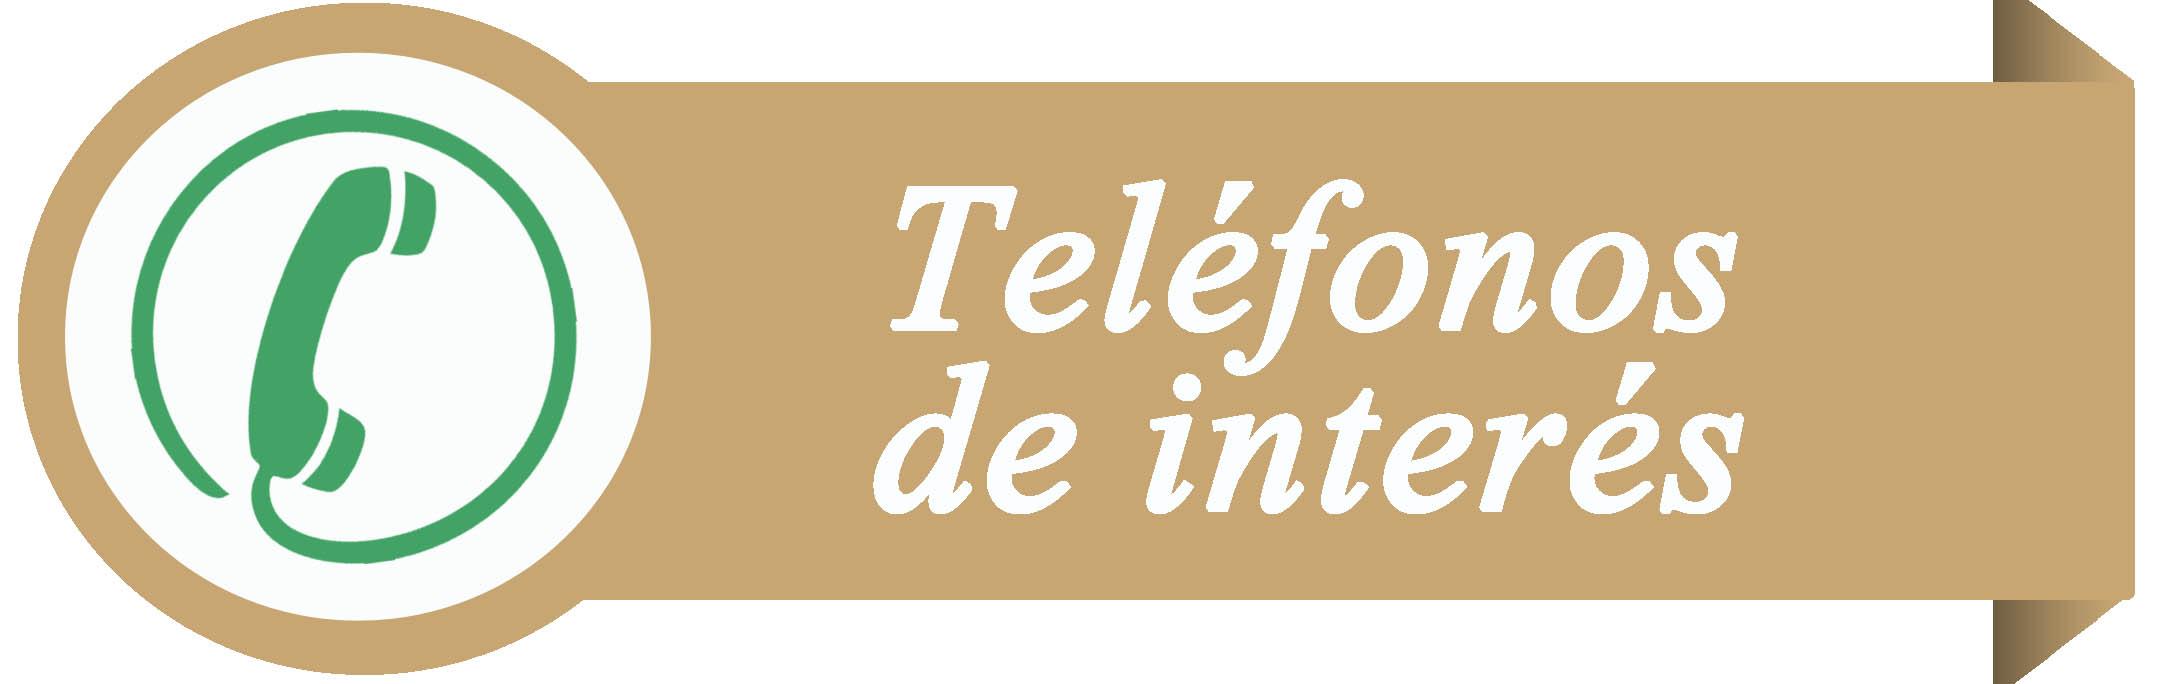 Teléfonos de interés 1